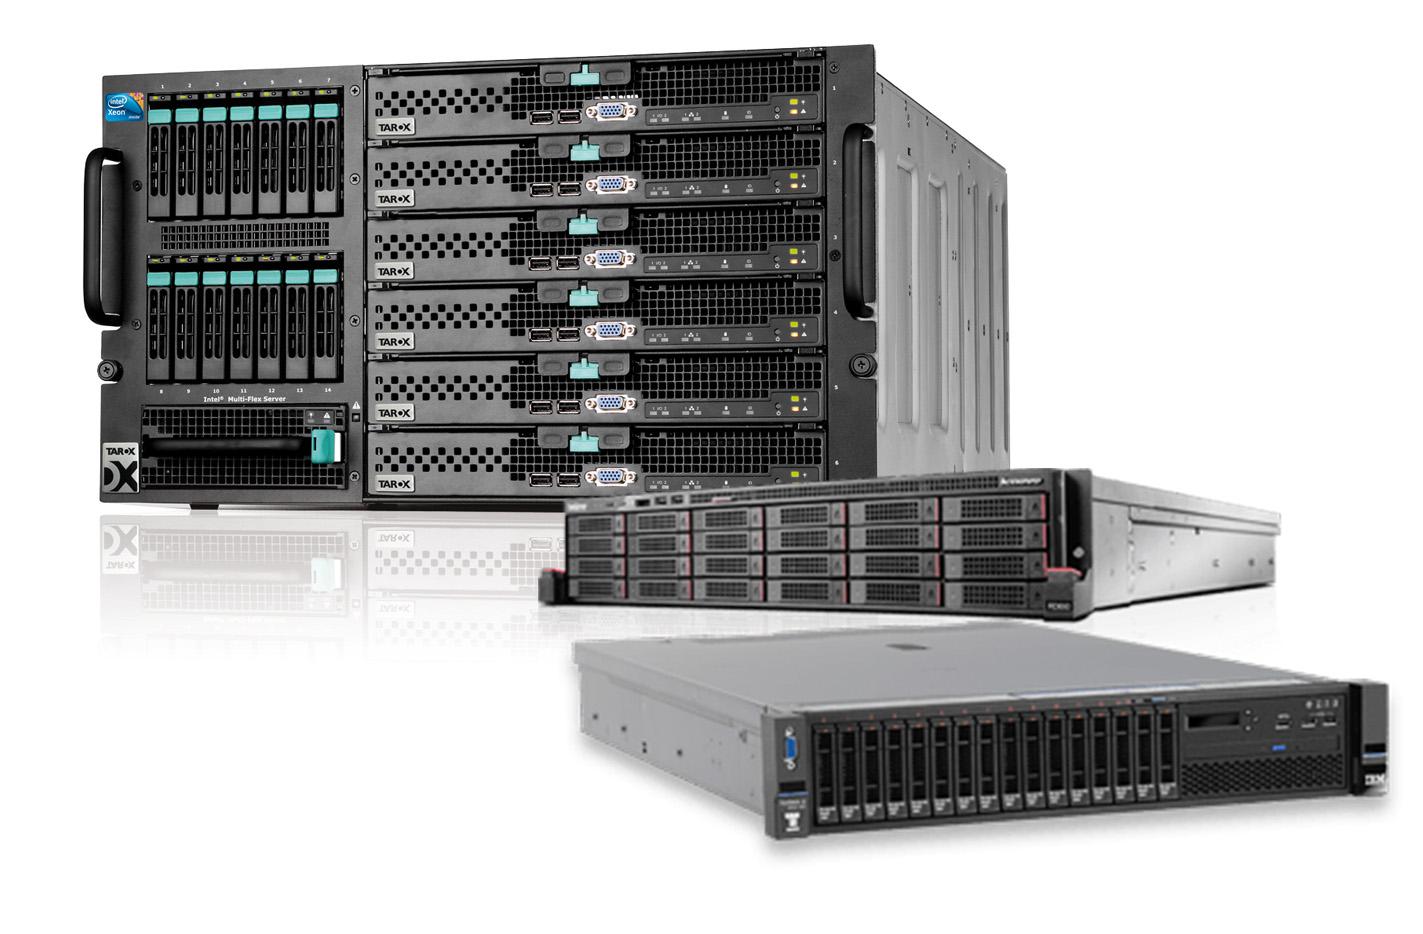 Cùng tìm hiểu vì sao bạn nên thuê server riêng?